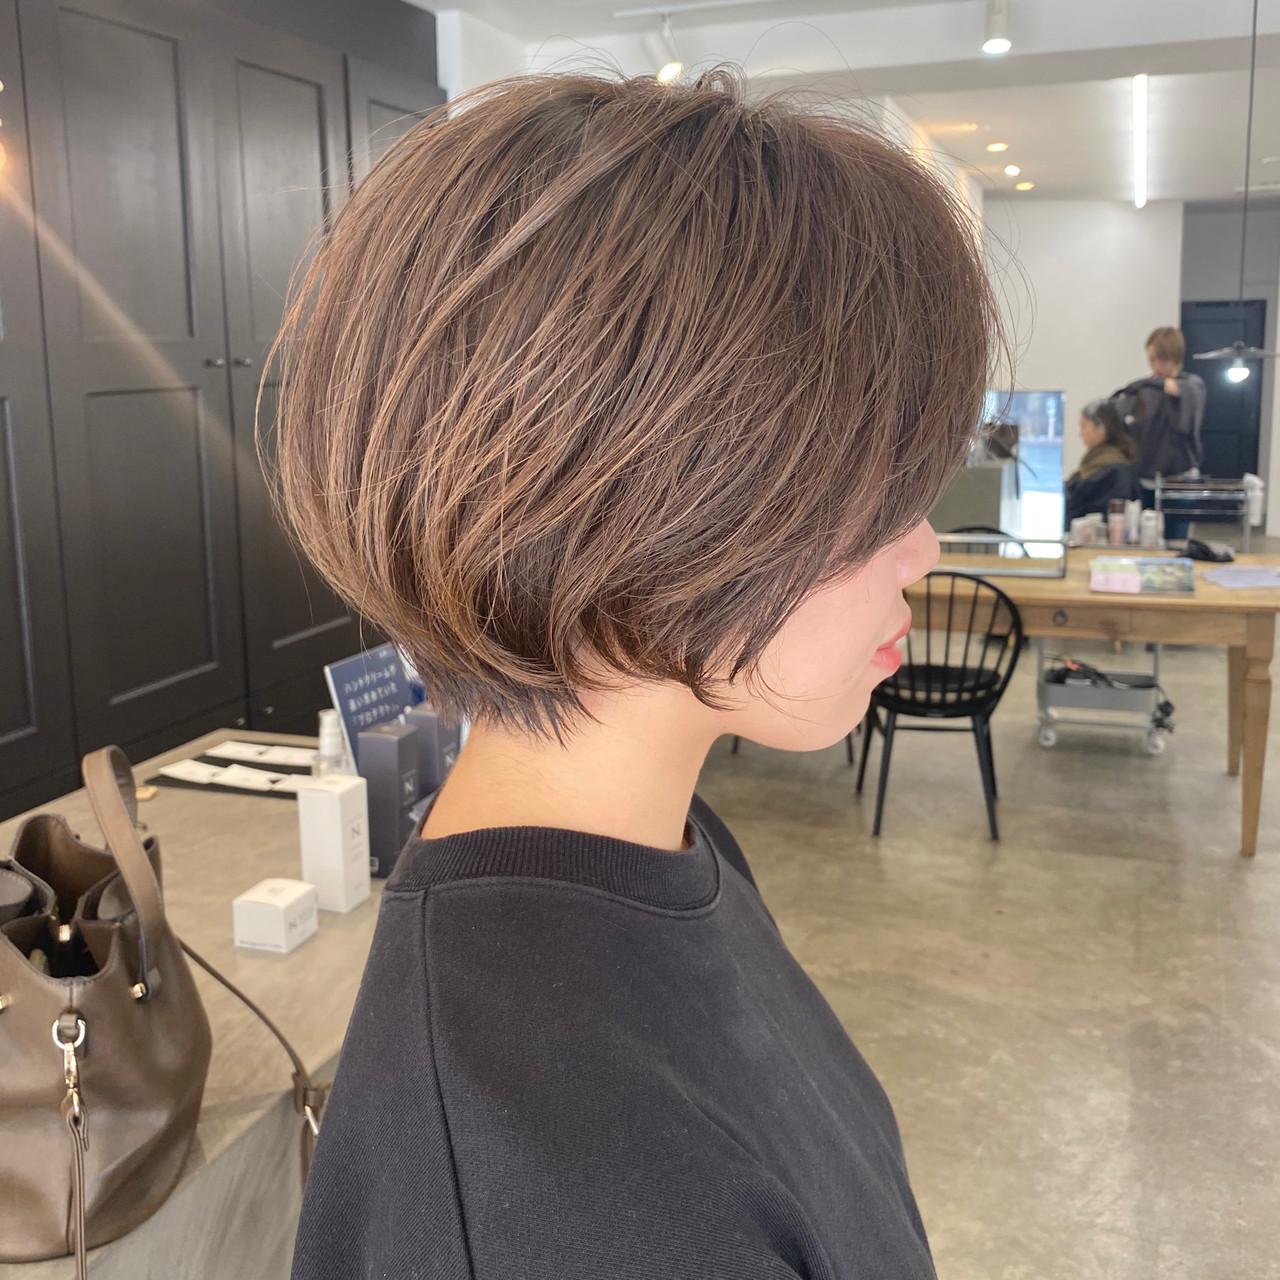 ナチュラル ショートボブ ショート ショートヘア ヘアスタイルや髪型の写真・画像   【ショート&ショートボブはお任せください】淺川聖 / parc sapporo